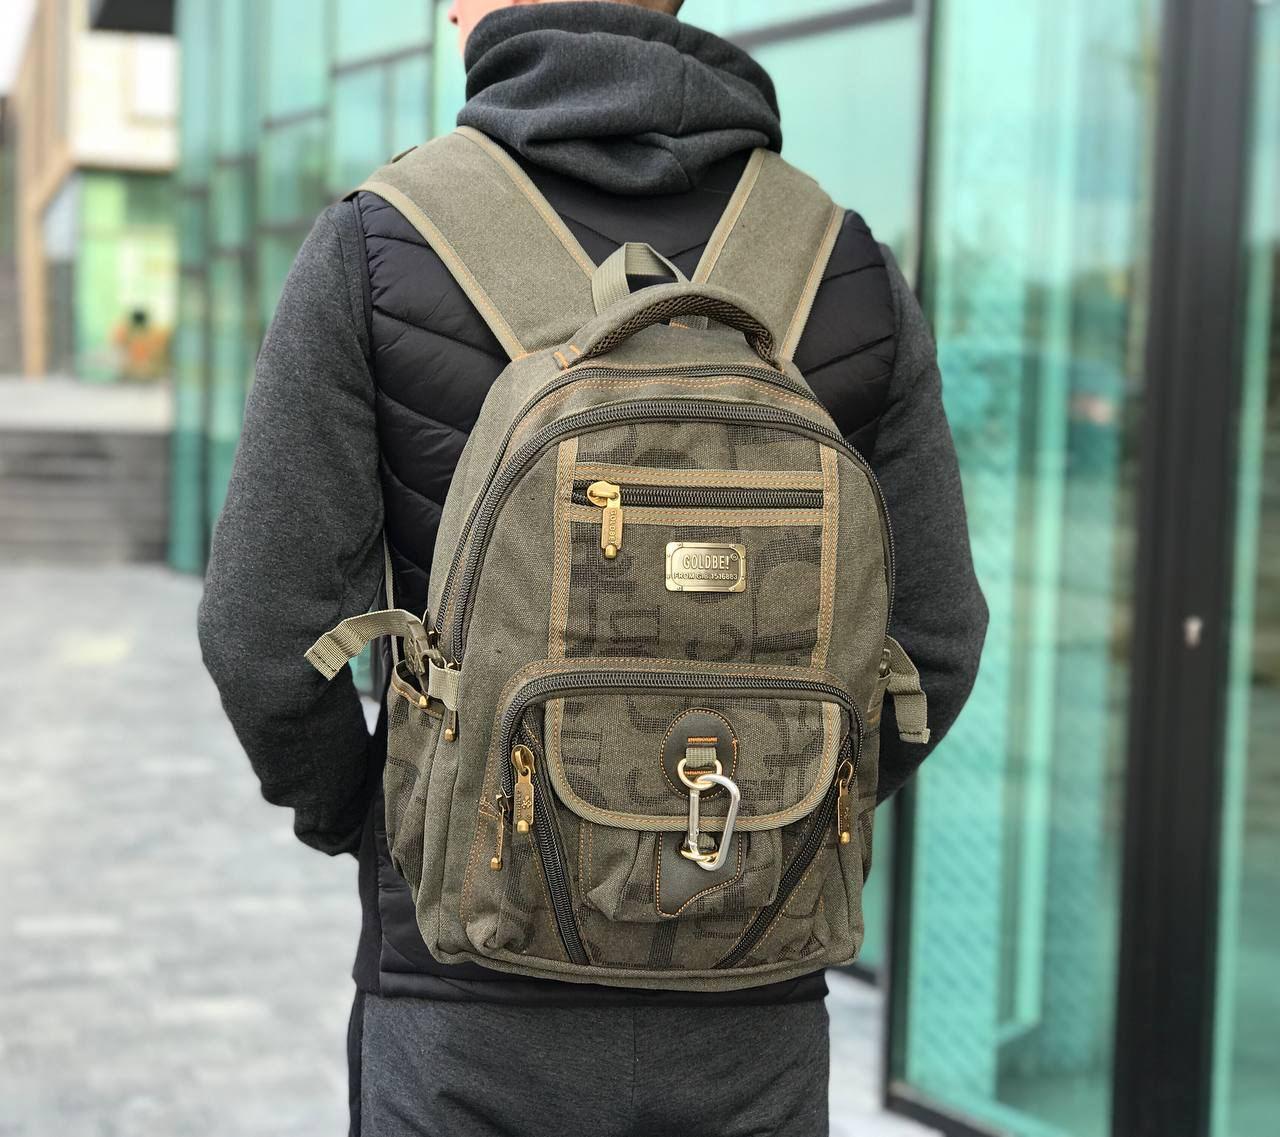 Рюкзак спортивный Gold Be брезентовый цвет хаки. Вместительный рюкзак цвета хаки.